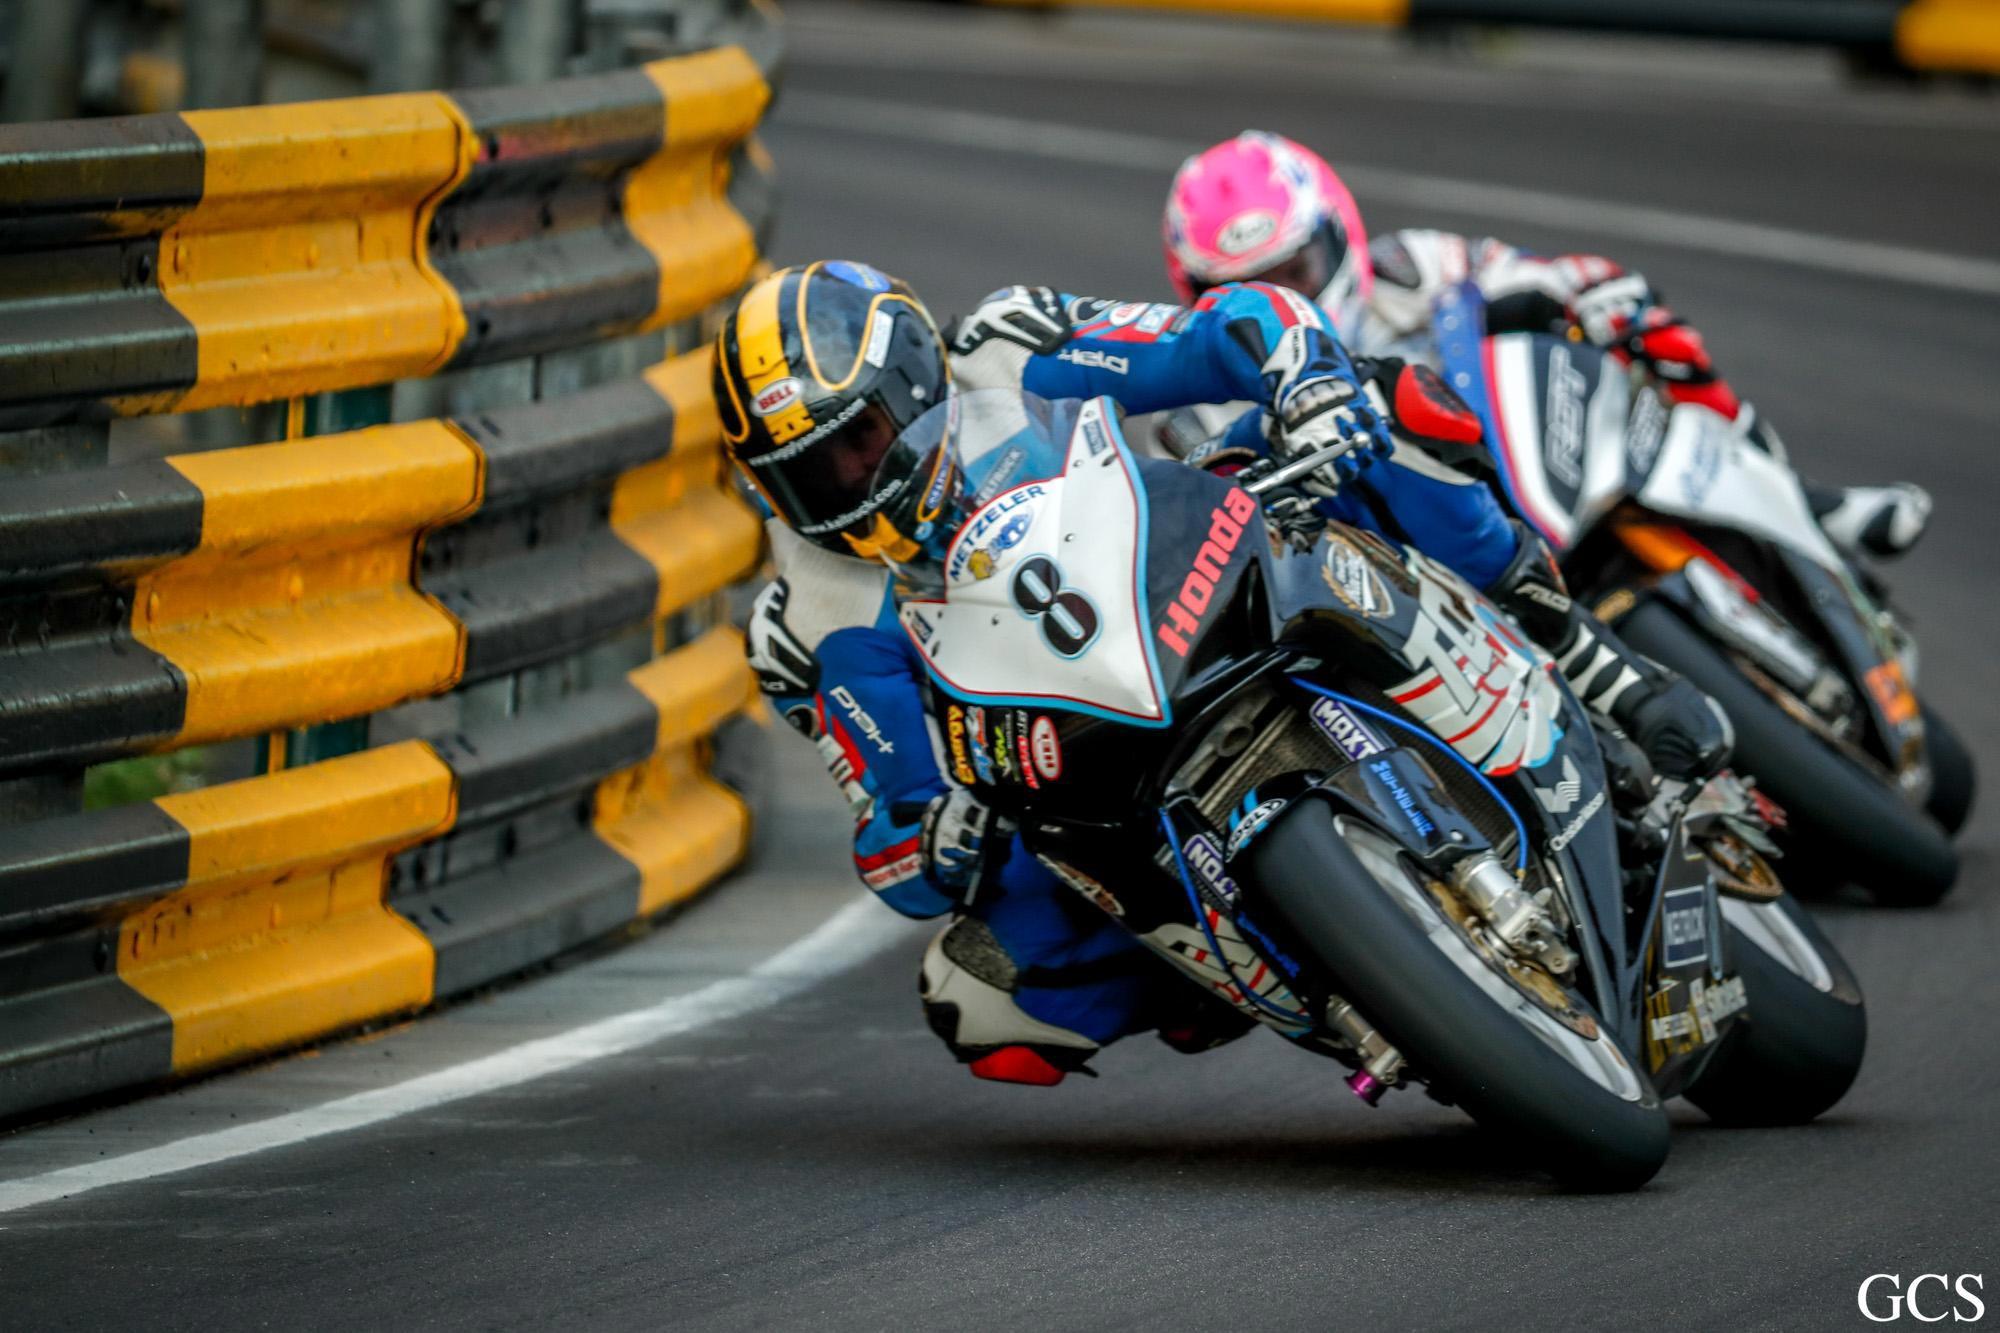 Macau Grand Prix 2017 >> Macau Grand Prix Cut Short By Tragic Fatality Asphalt Rubber